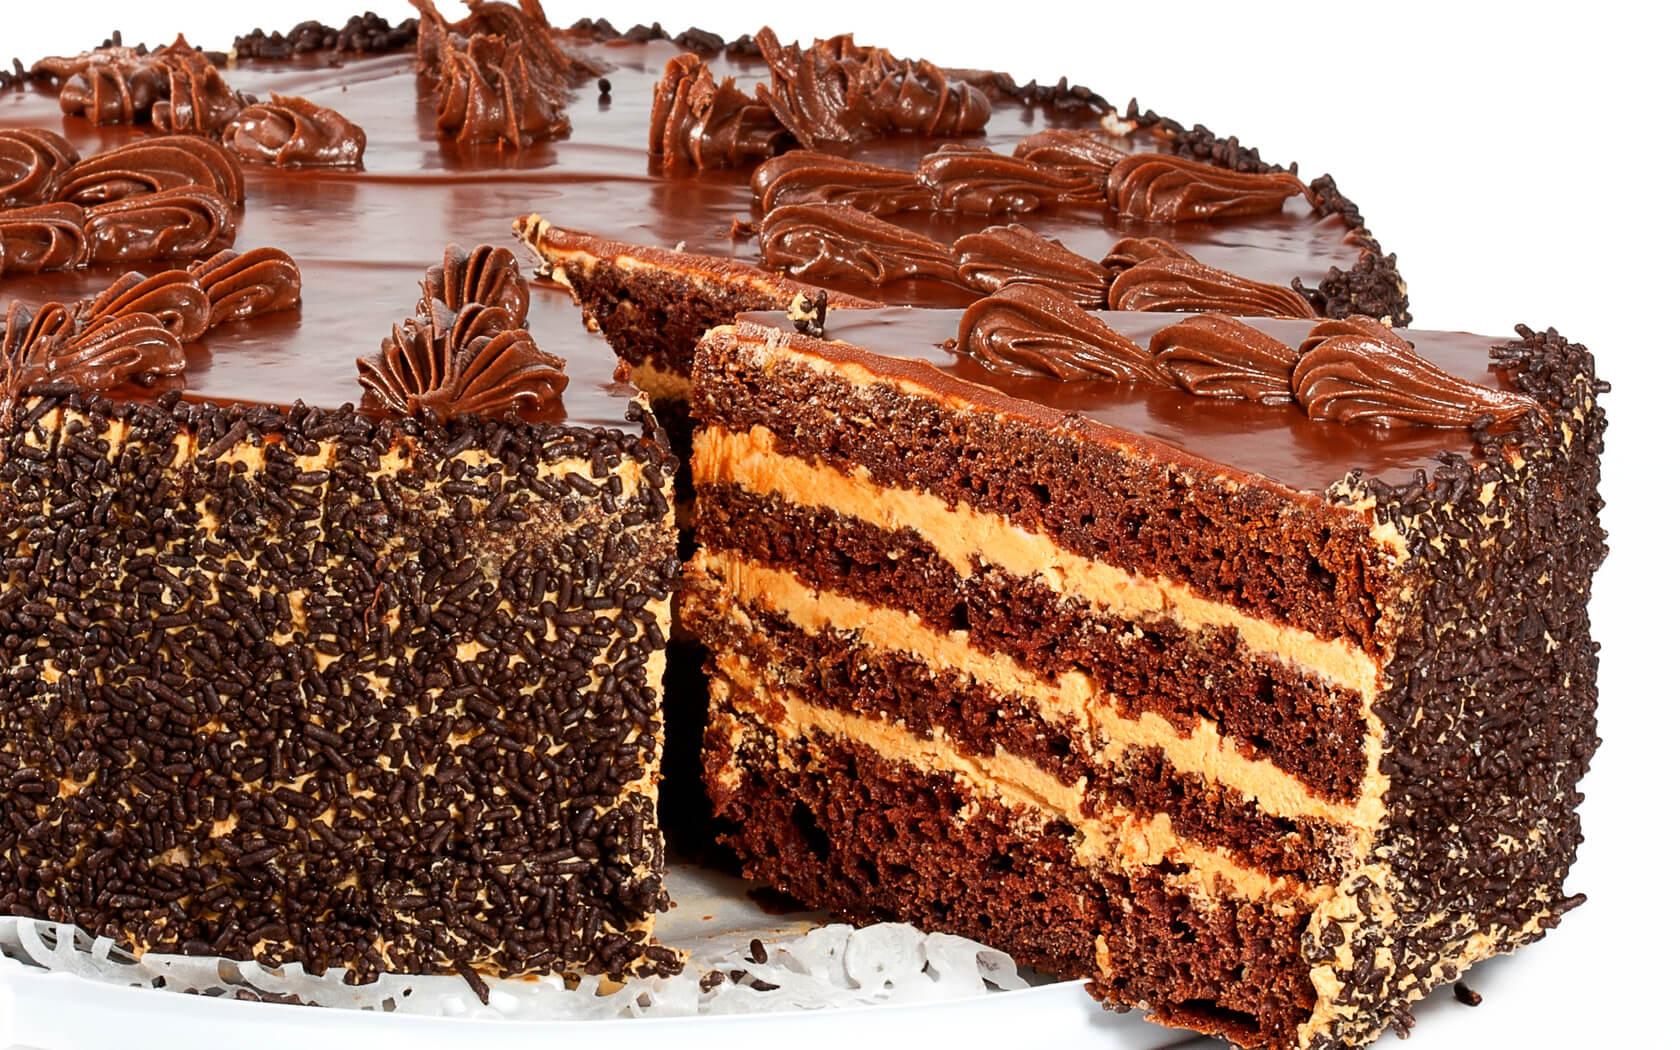 Самый вкусный шоколадный торт - подборка фото 18